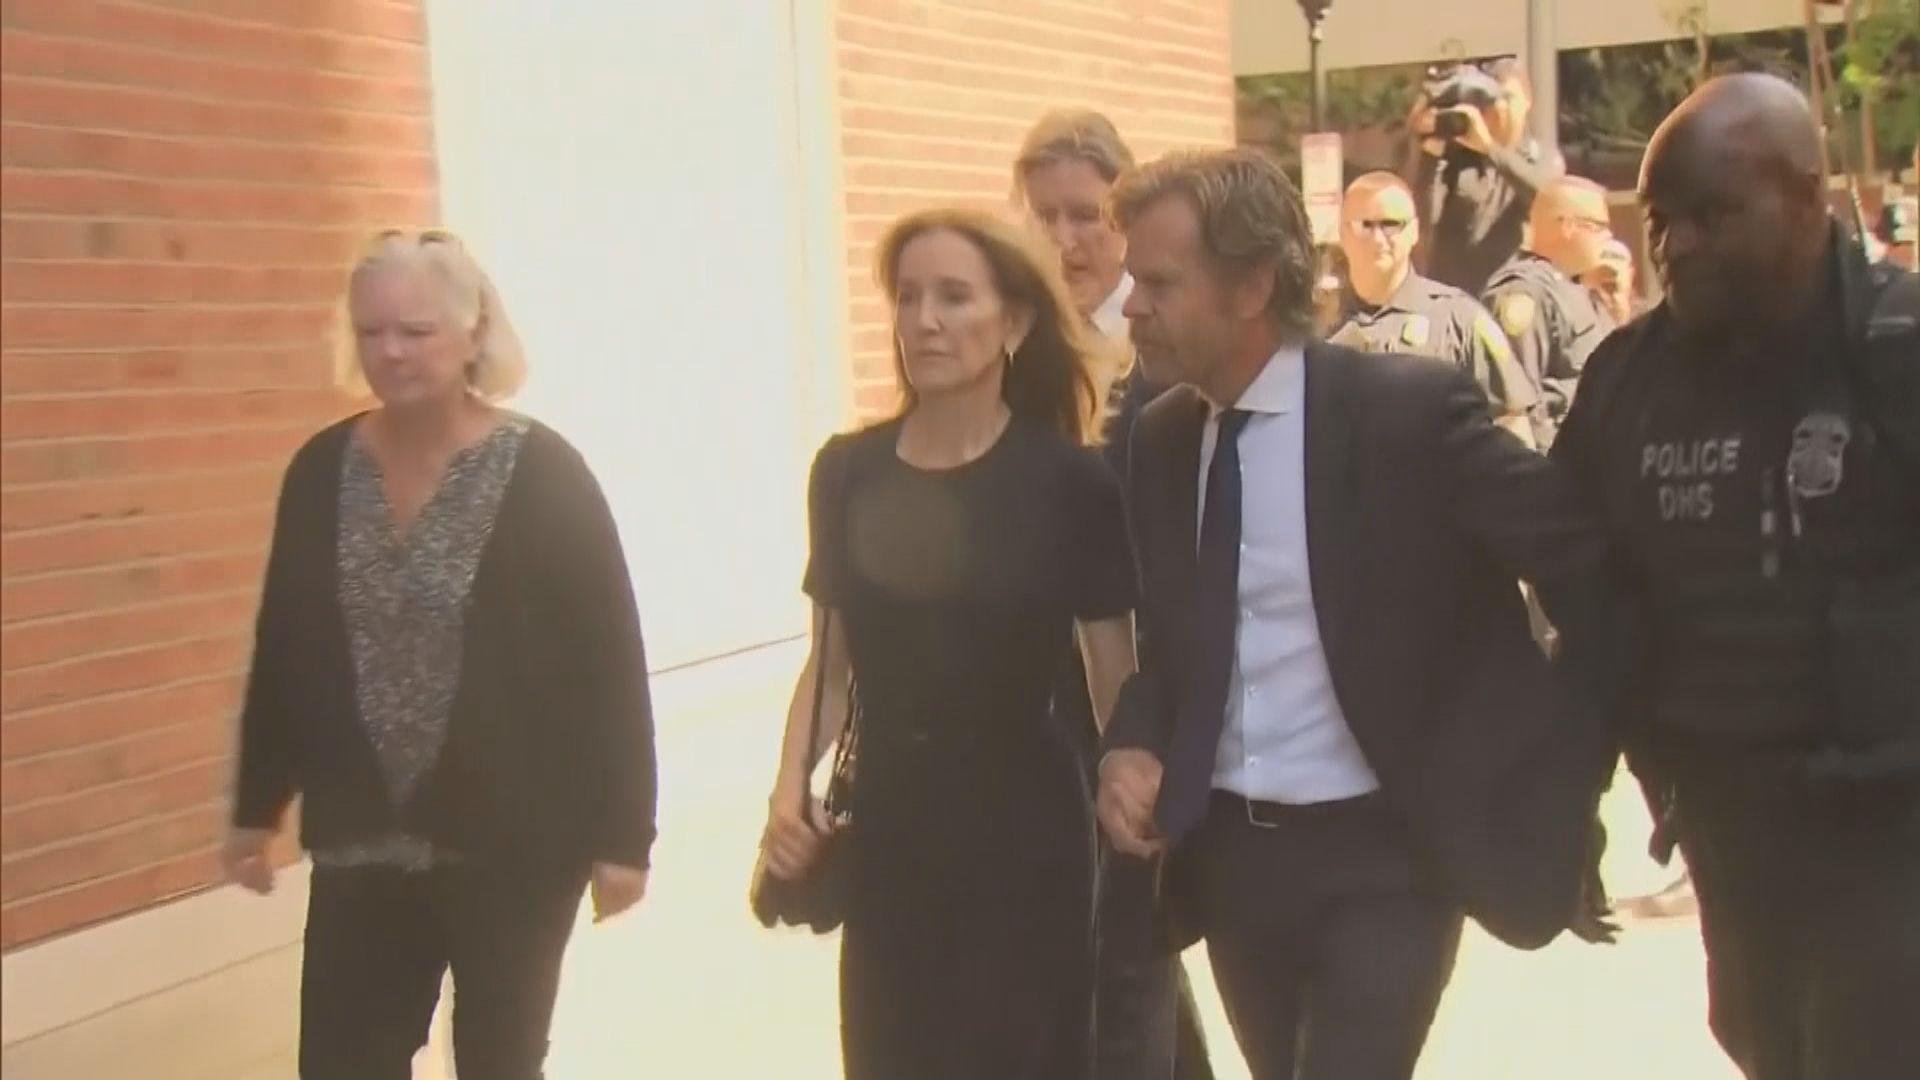 美國大學招生賄賂案 影星菲利絲蒂夏夫曼被判囚14天